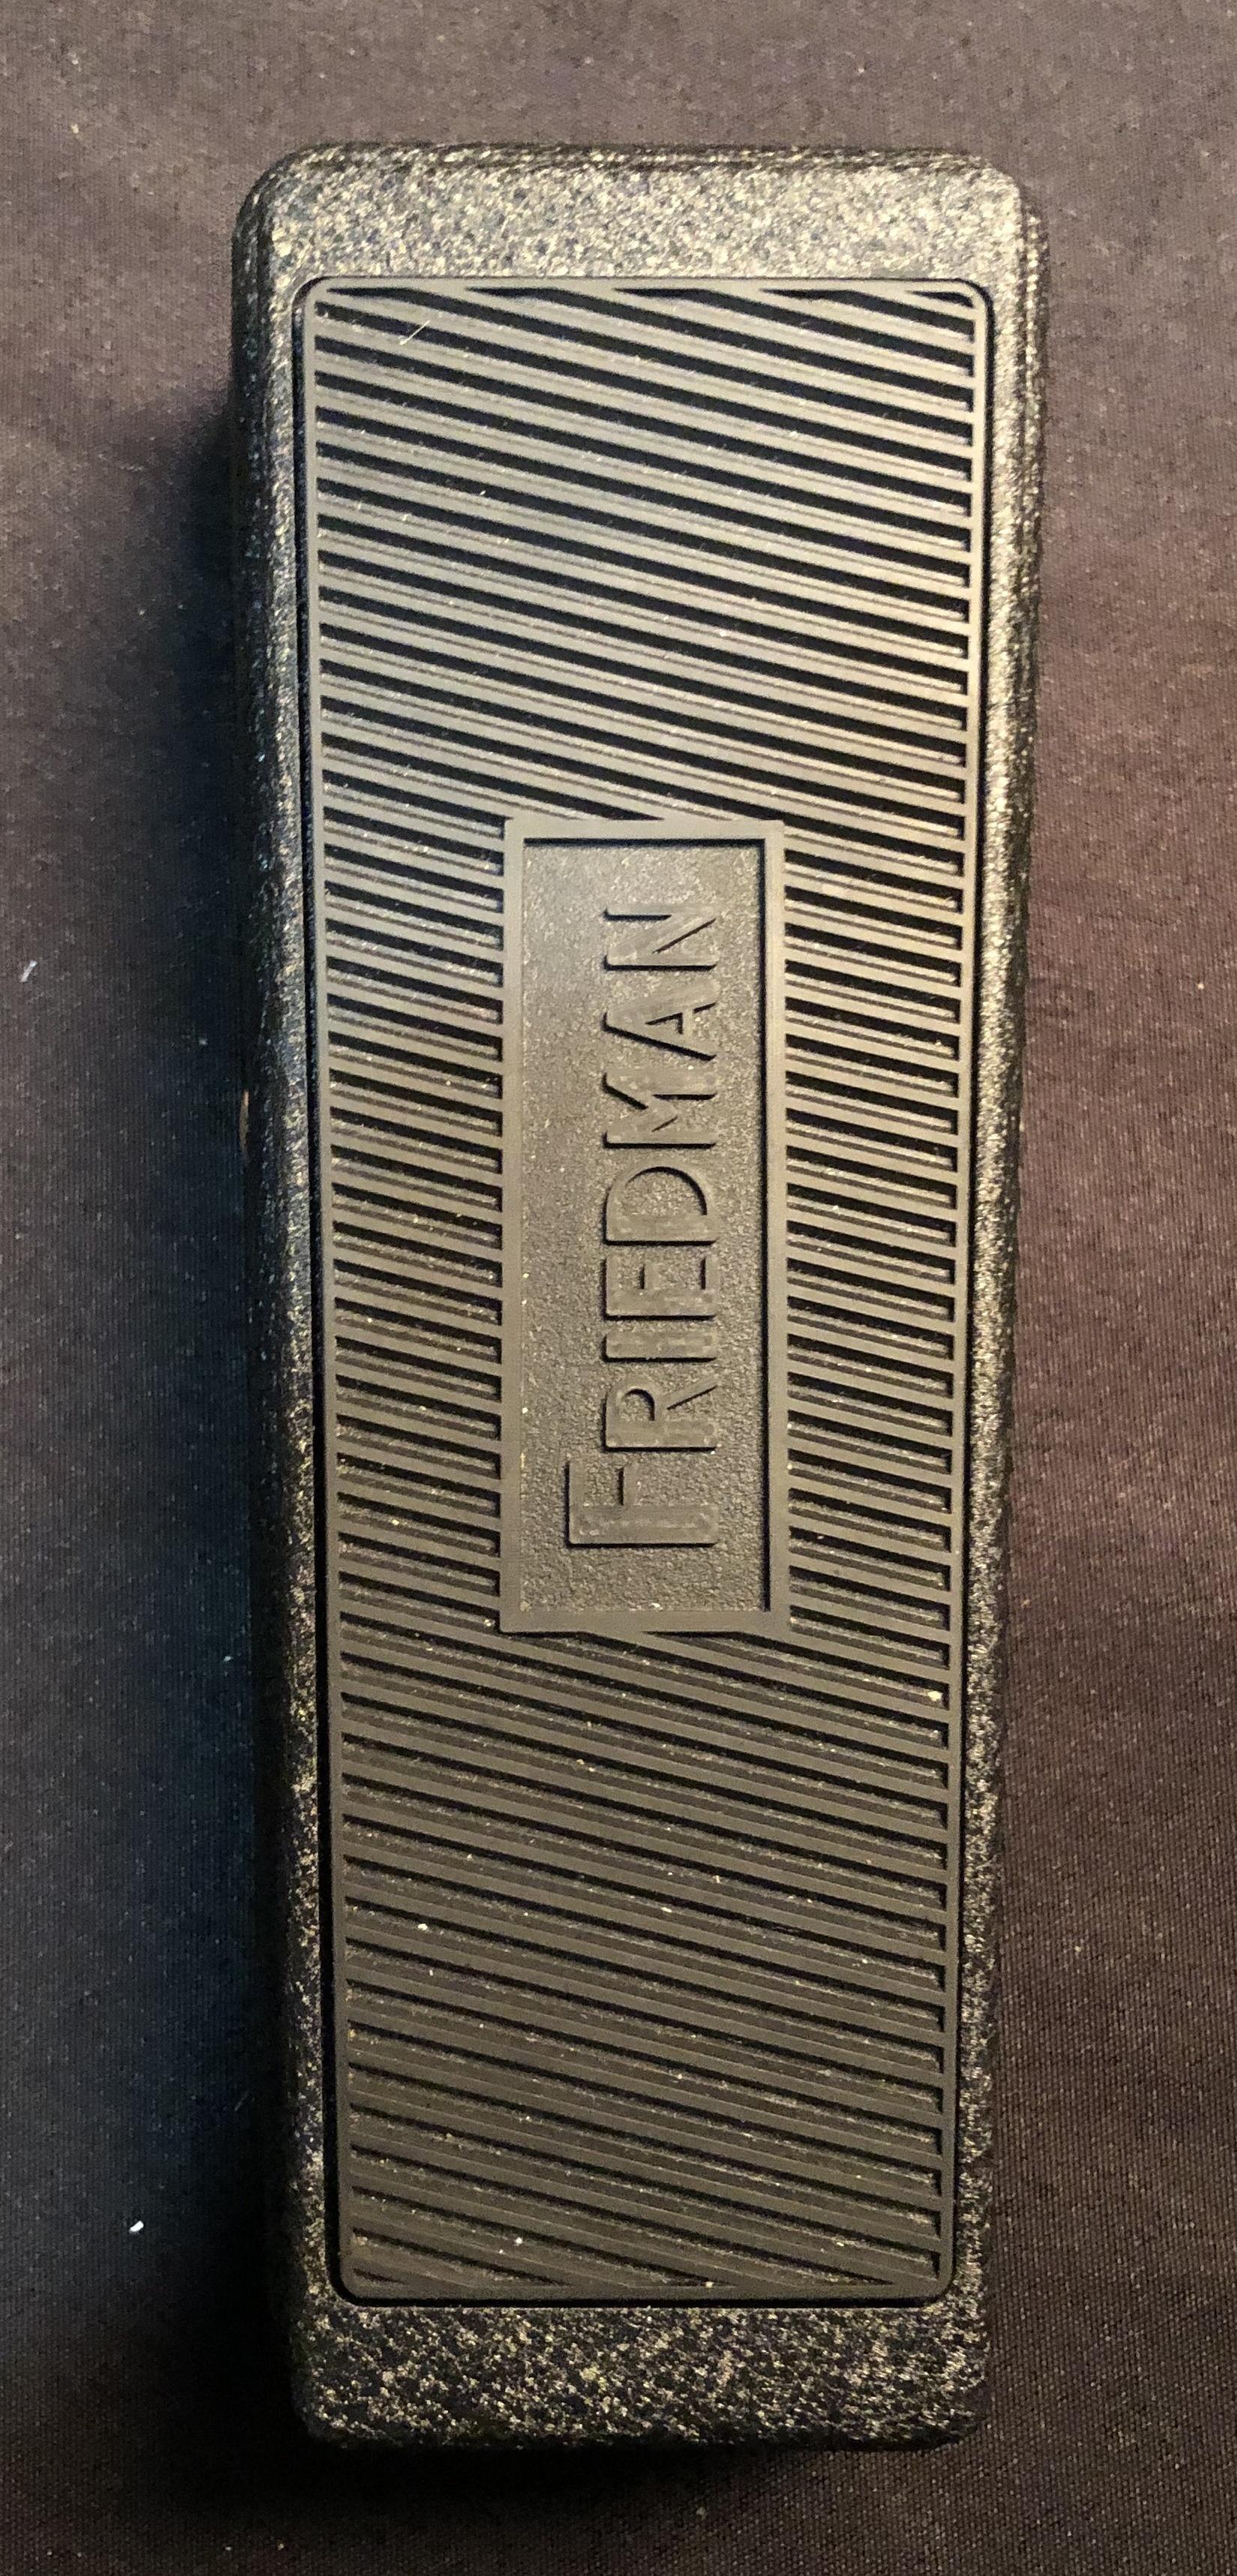 FRIEDMAN - Gold 72 Wah Pedal